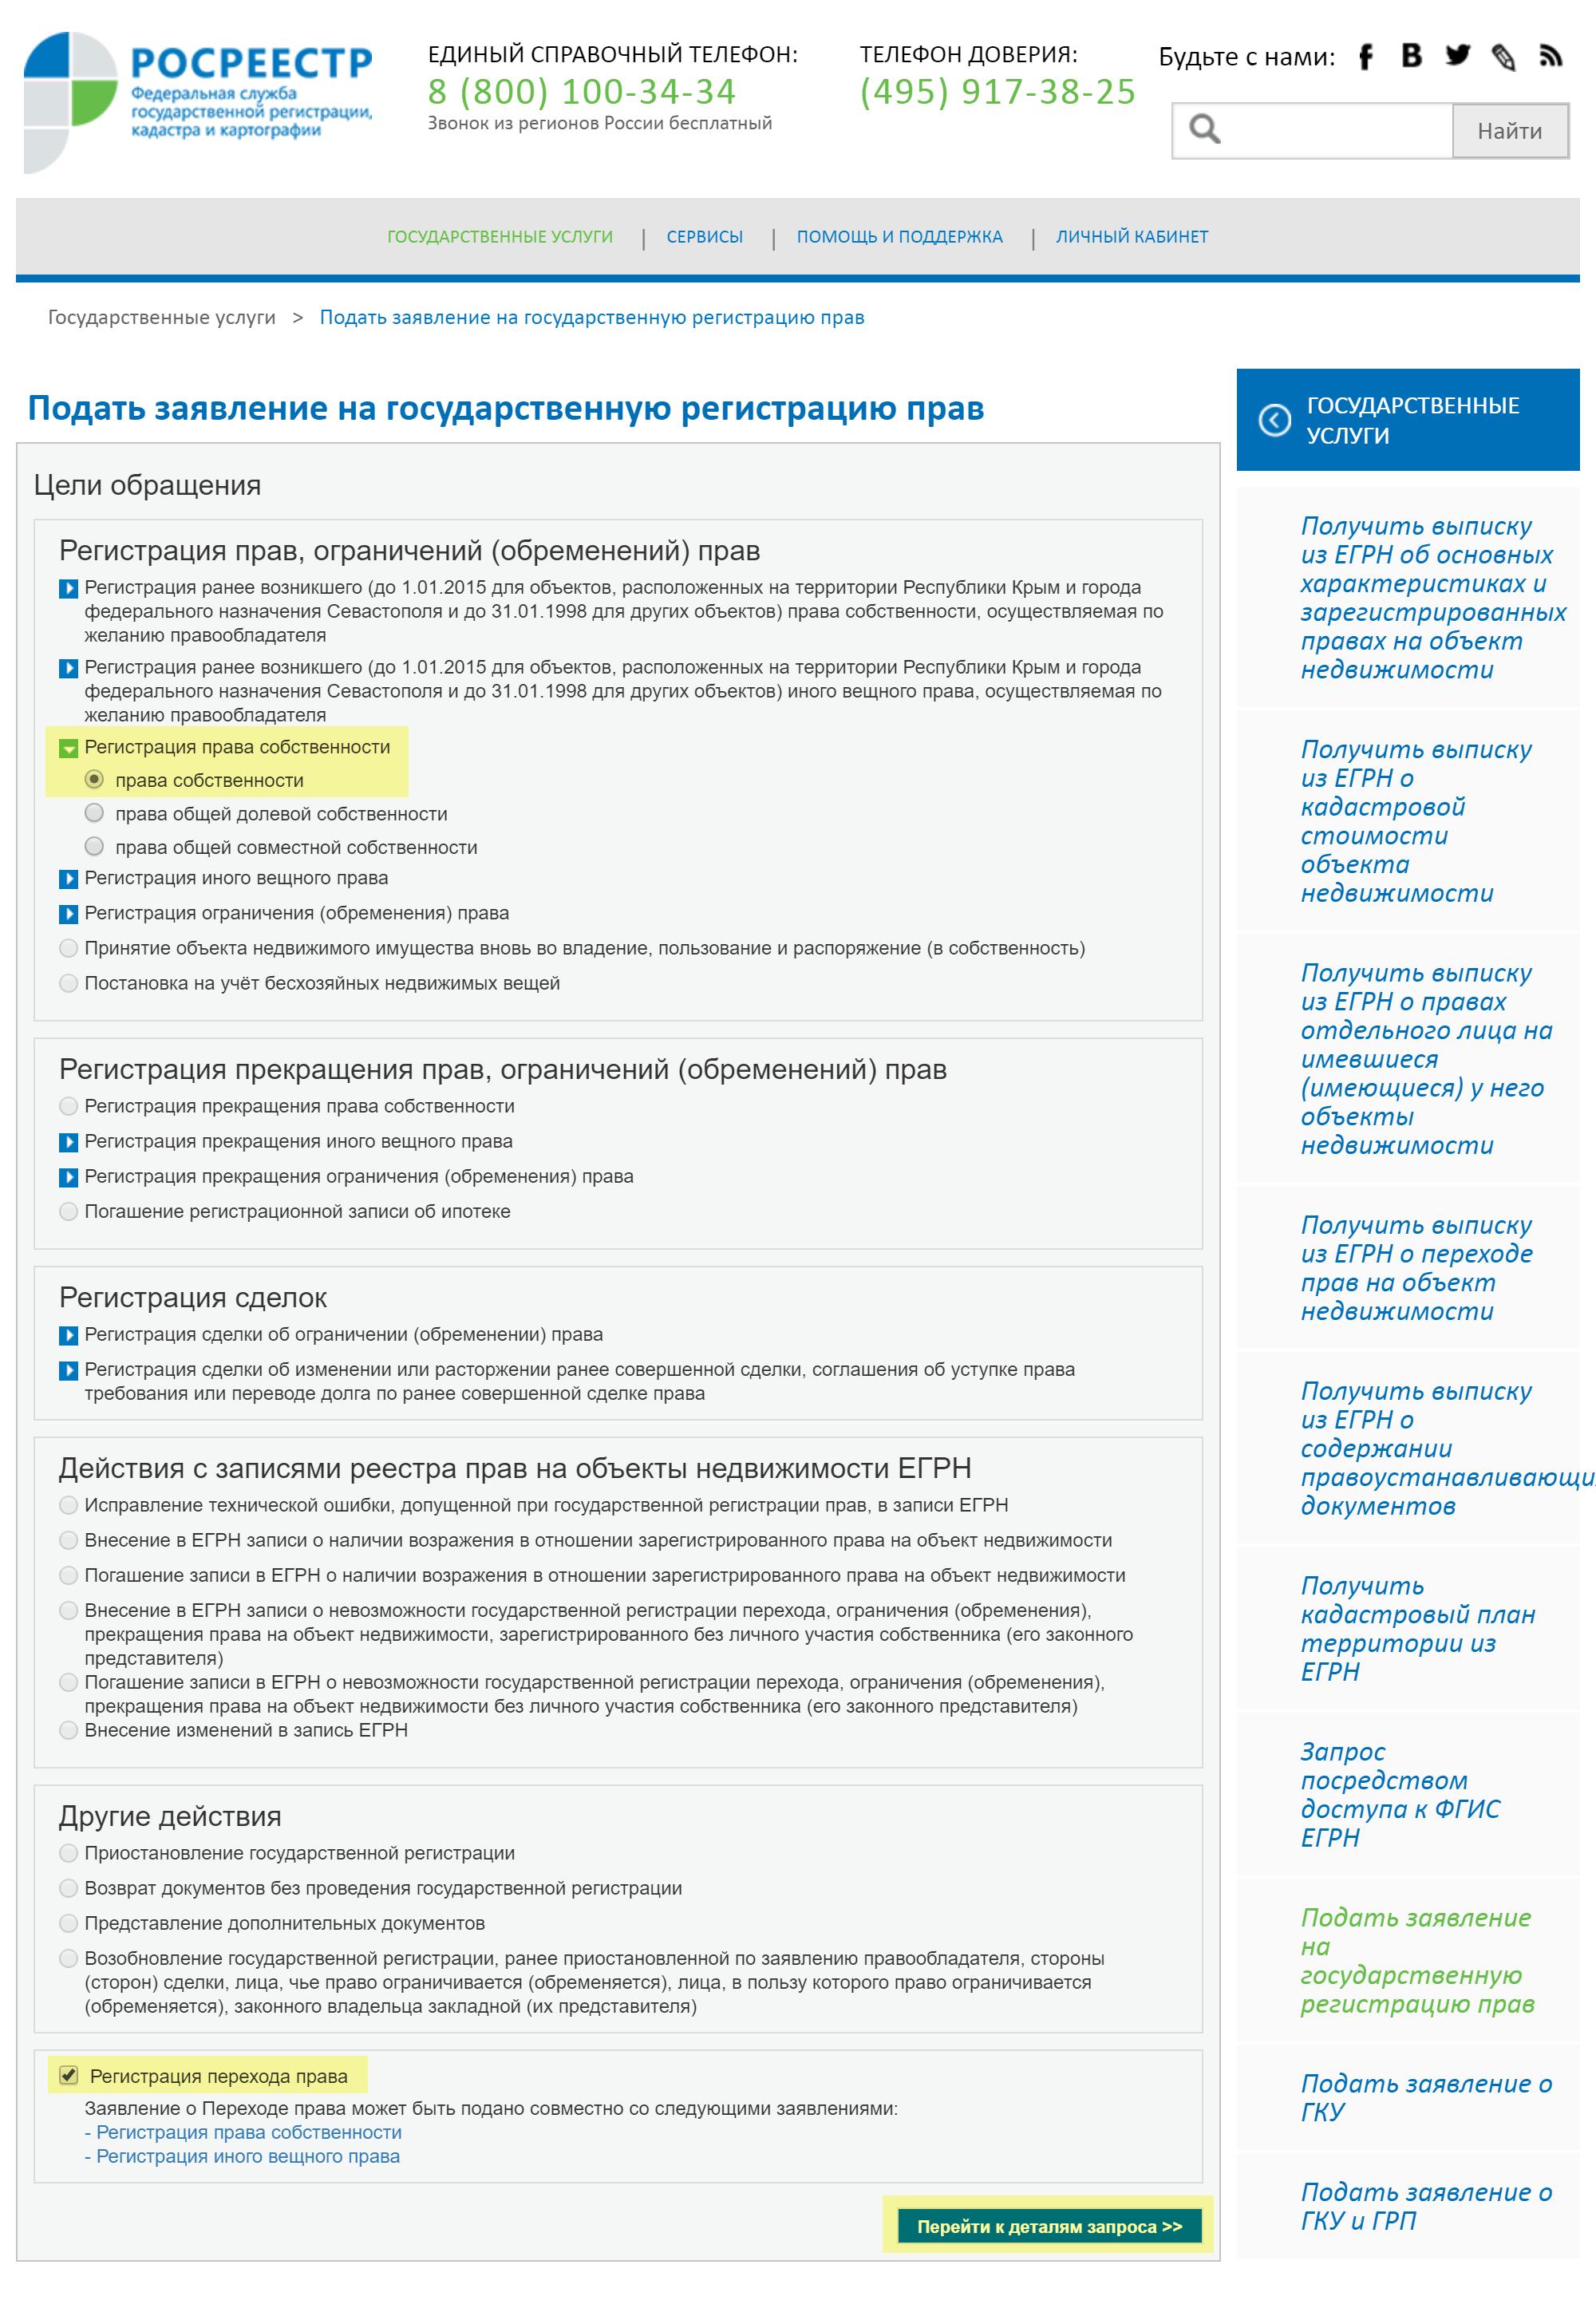 При подаче заявления не из личного кабинета, а прямо с сайта Росреестра интерфейс другой. Если собственность долевая или совместная, выбирайте соответствующие пункты. Совместная собственность — это просупругов